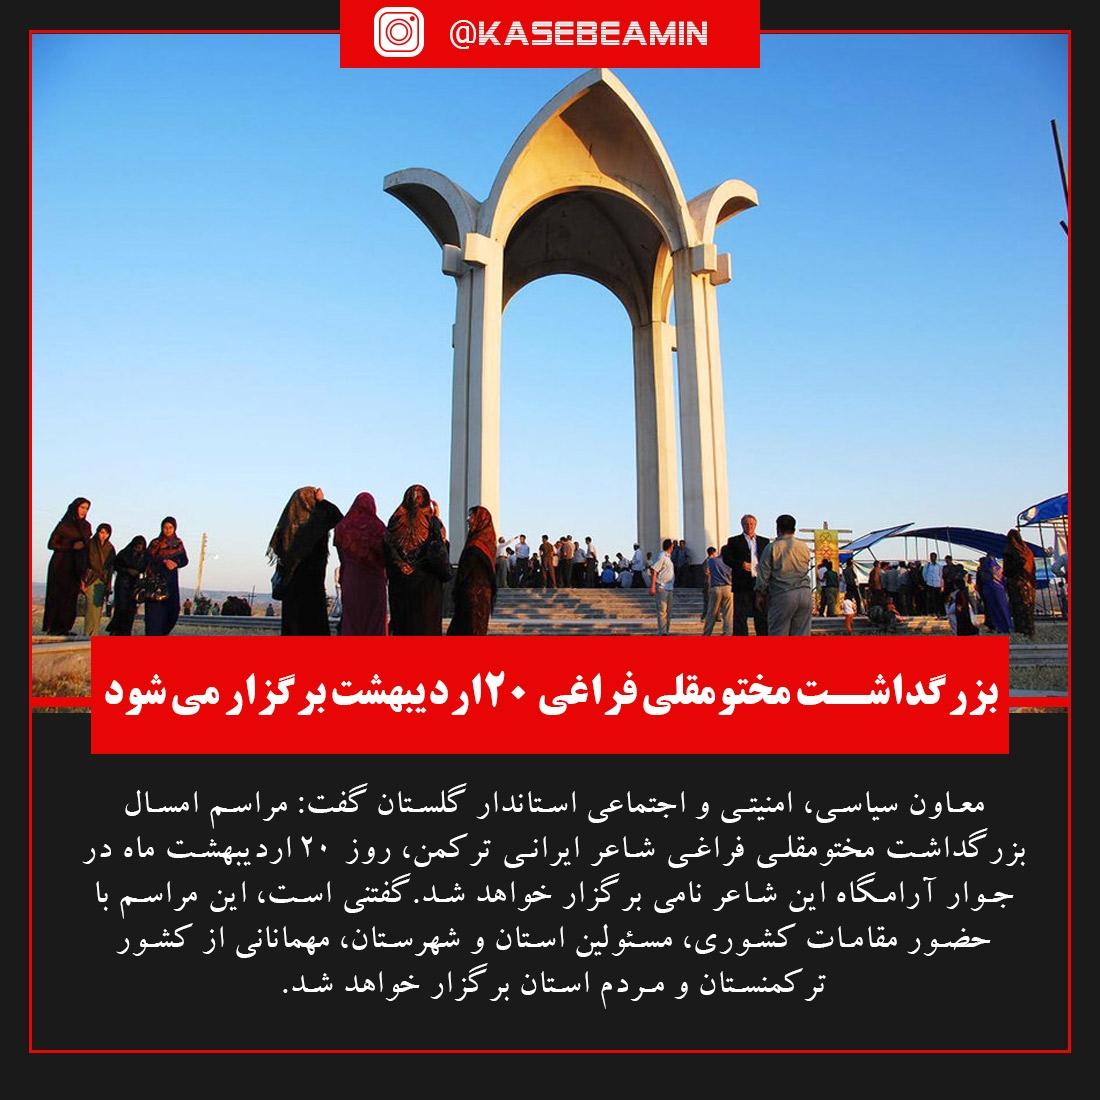 بی تدبیری دولت در گلستان تا اخراج نیرو ها6